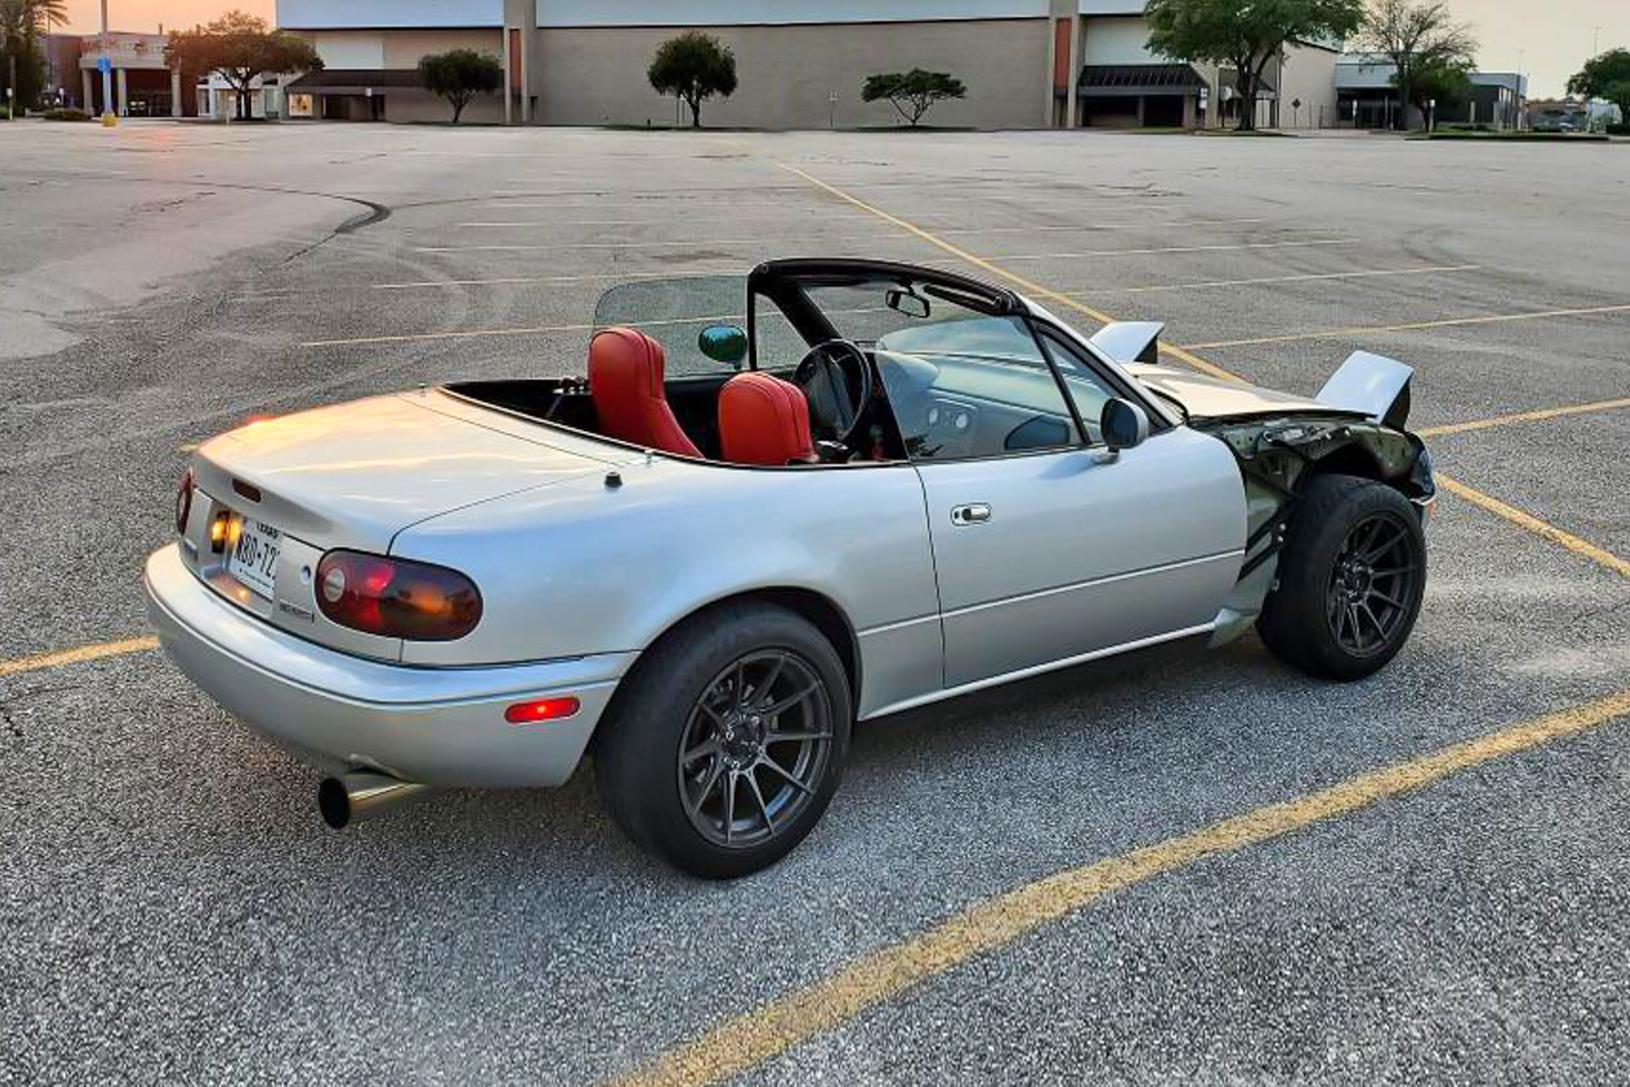 1992 Mazda MX-5 'Turbo'